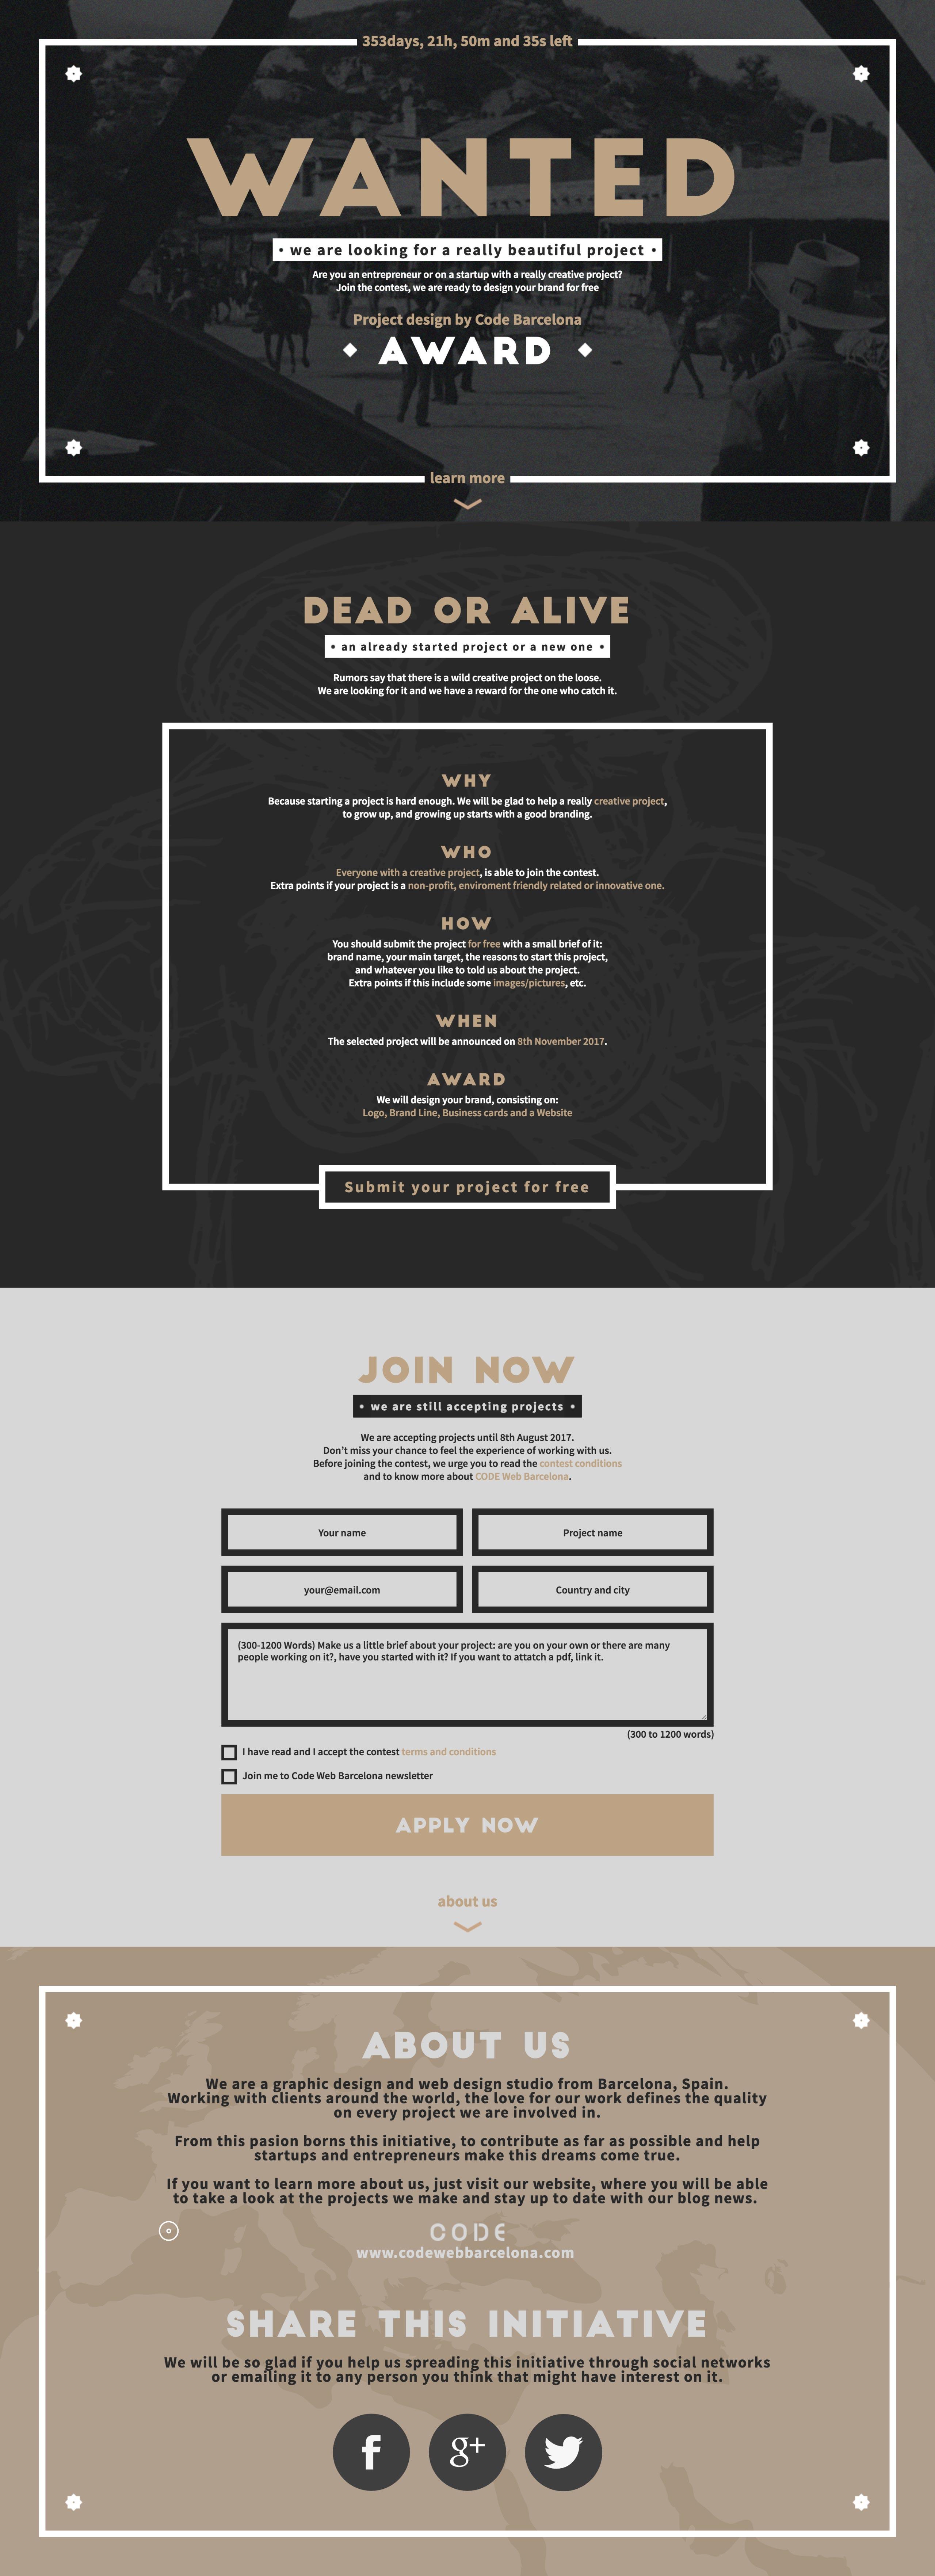 Wanted Website Screenshot